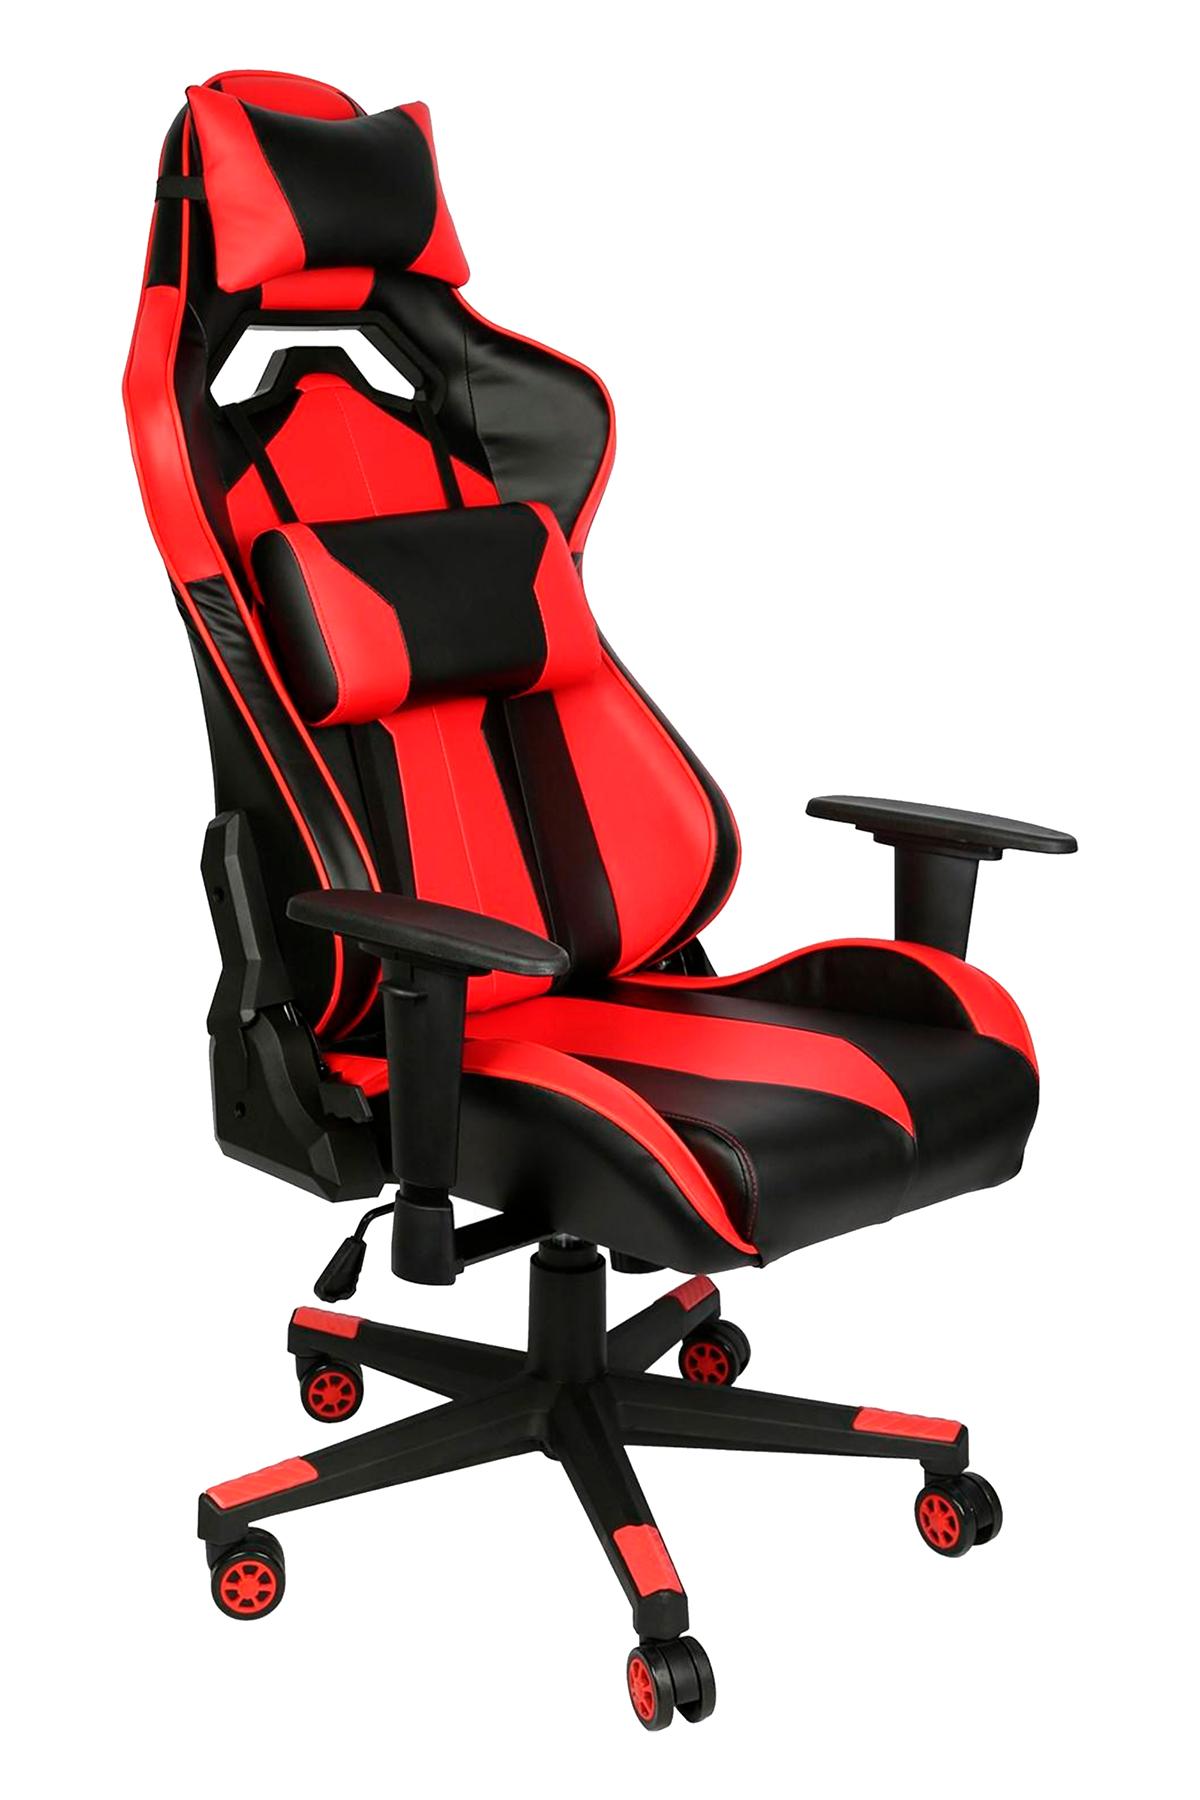 Дизайн этого кресла запатентован в Великобритании китайским заявителем